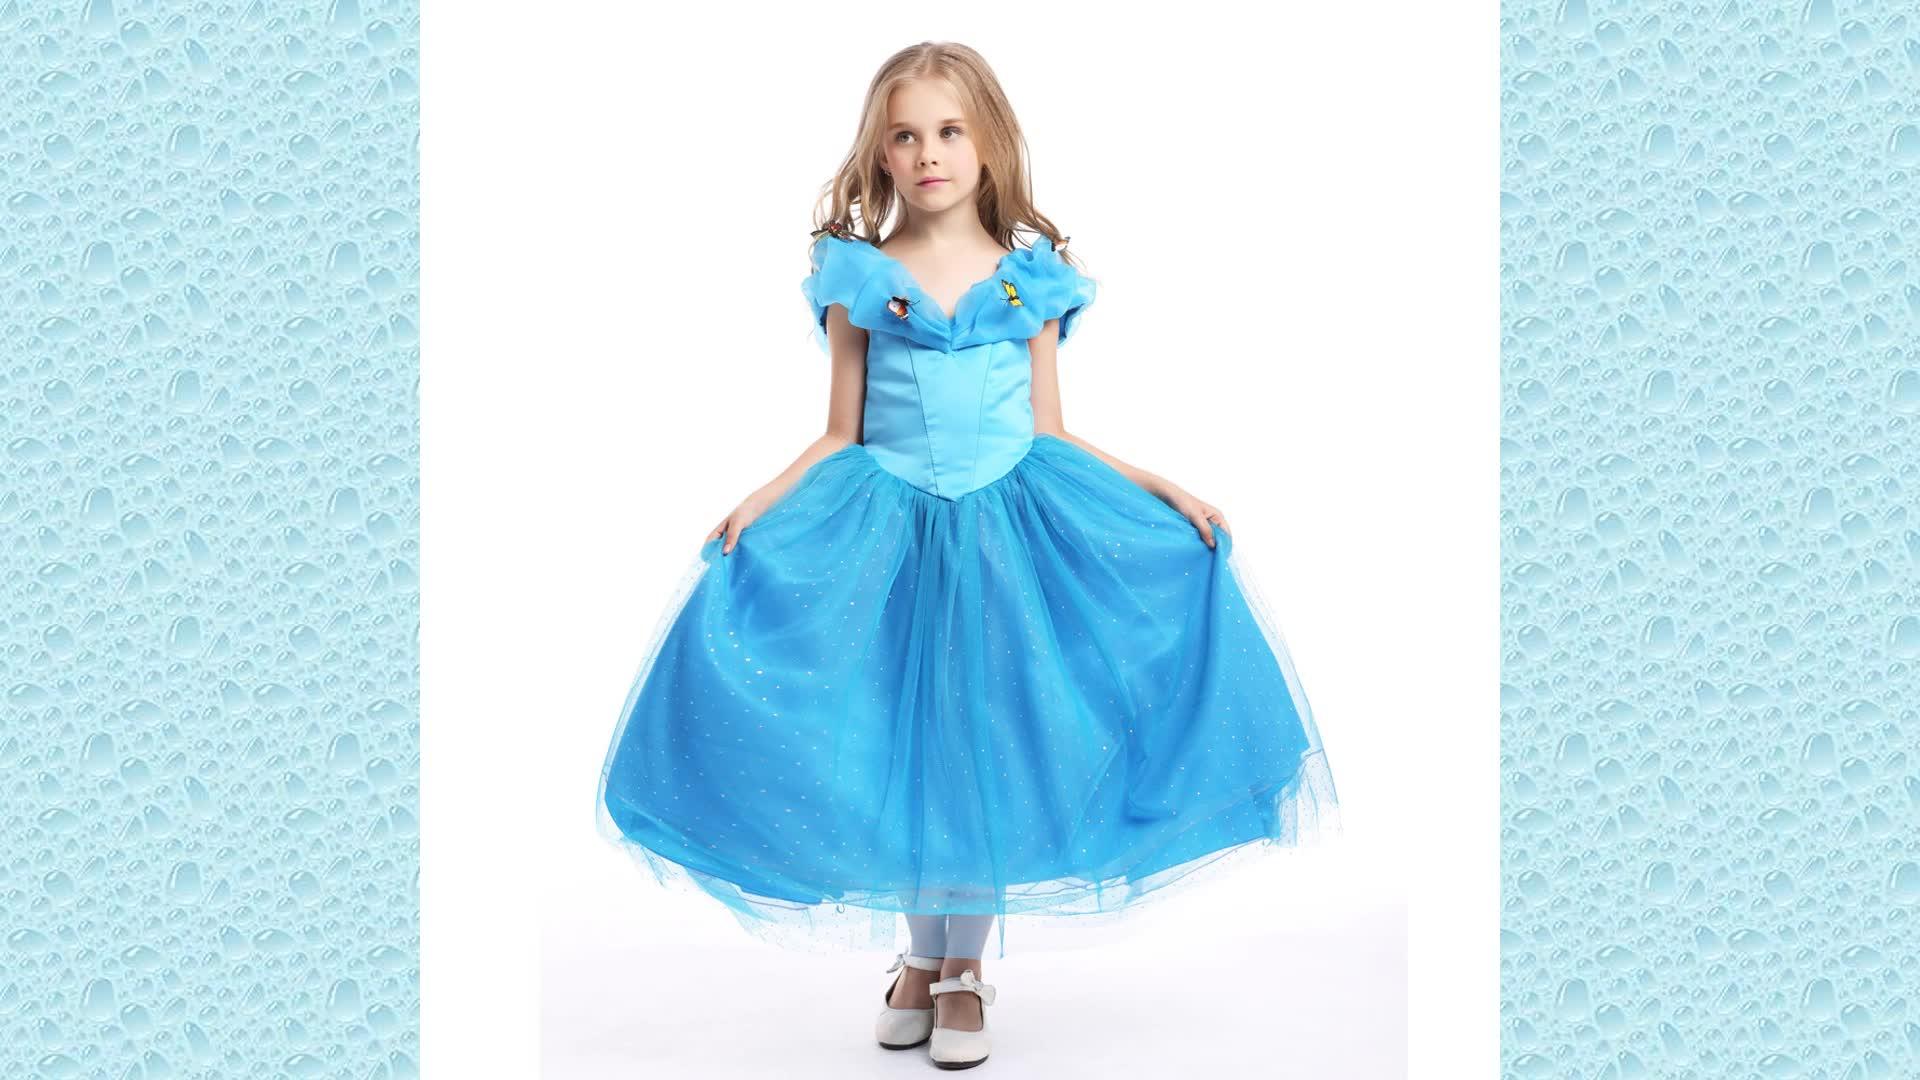 2016ラブリーウェディング摩耗赤ちゃんガールドレス夏子供女の子ドレス用ウェディング